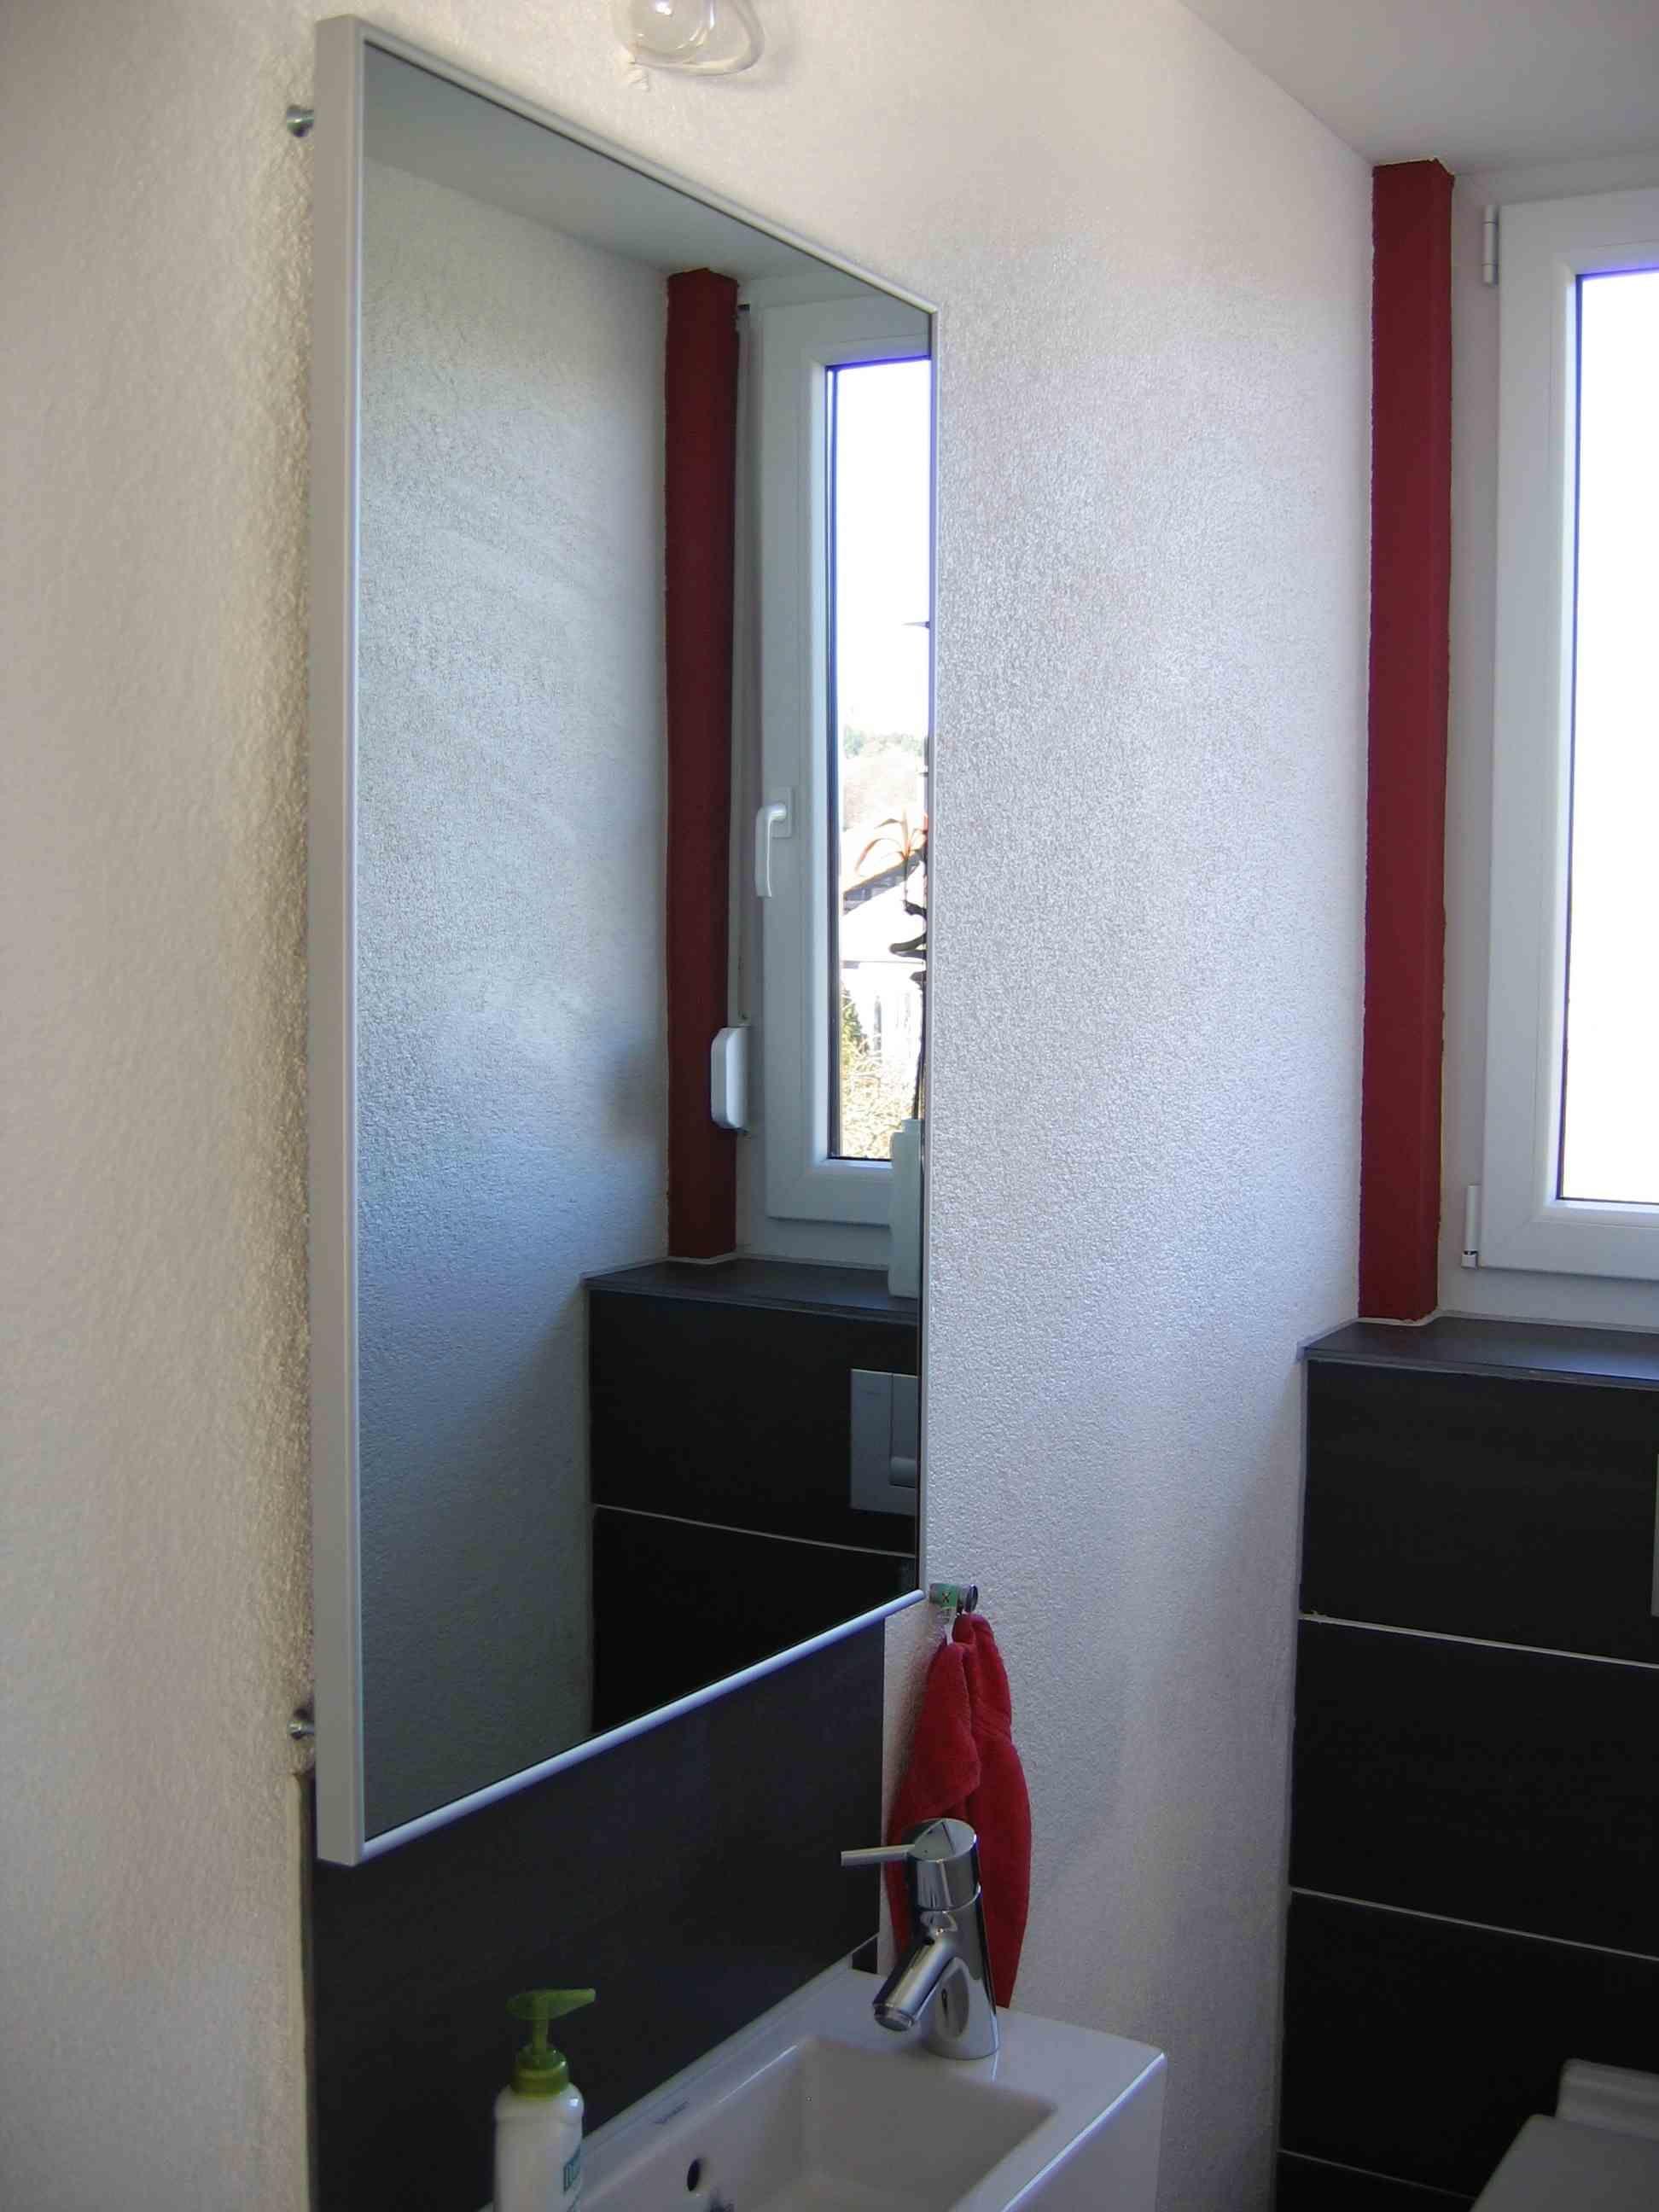 19 Wonderful Galerie Von Infrarotheizung Badezimmer Spiegel Dengan Gambar